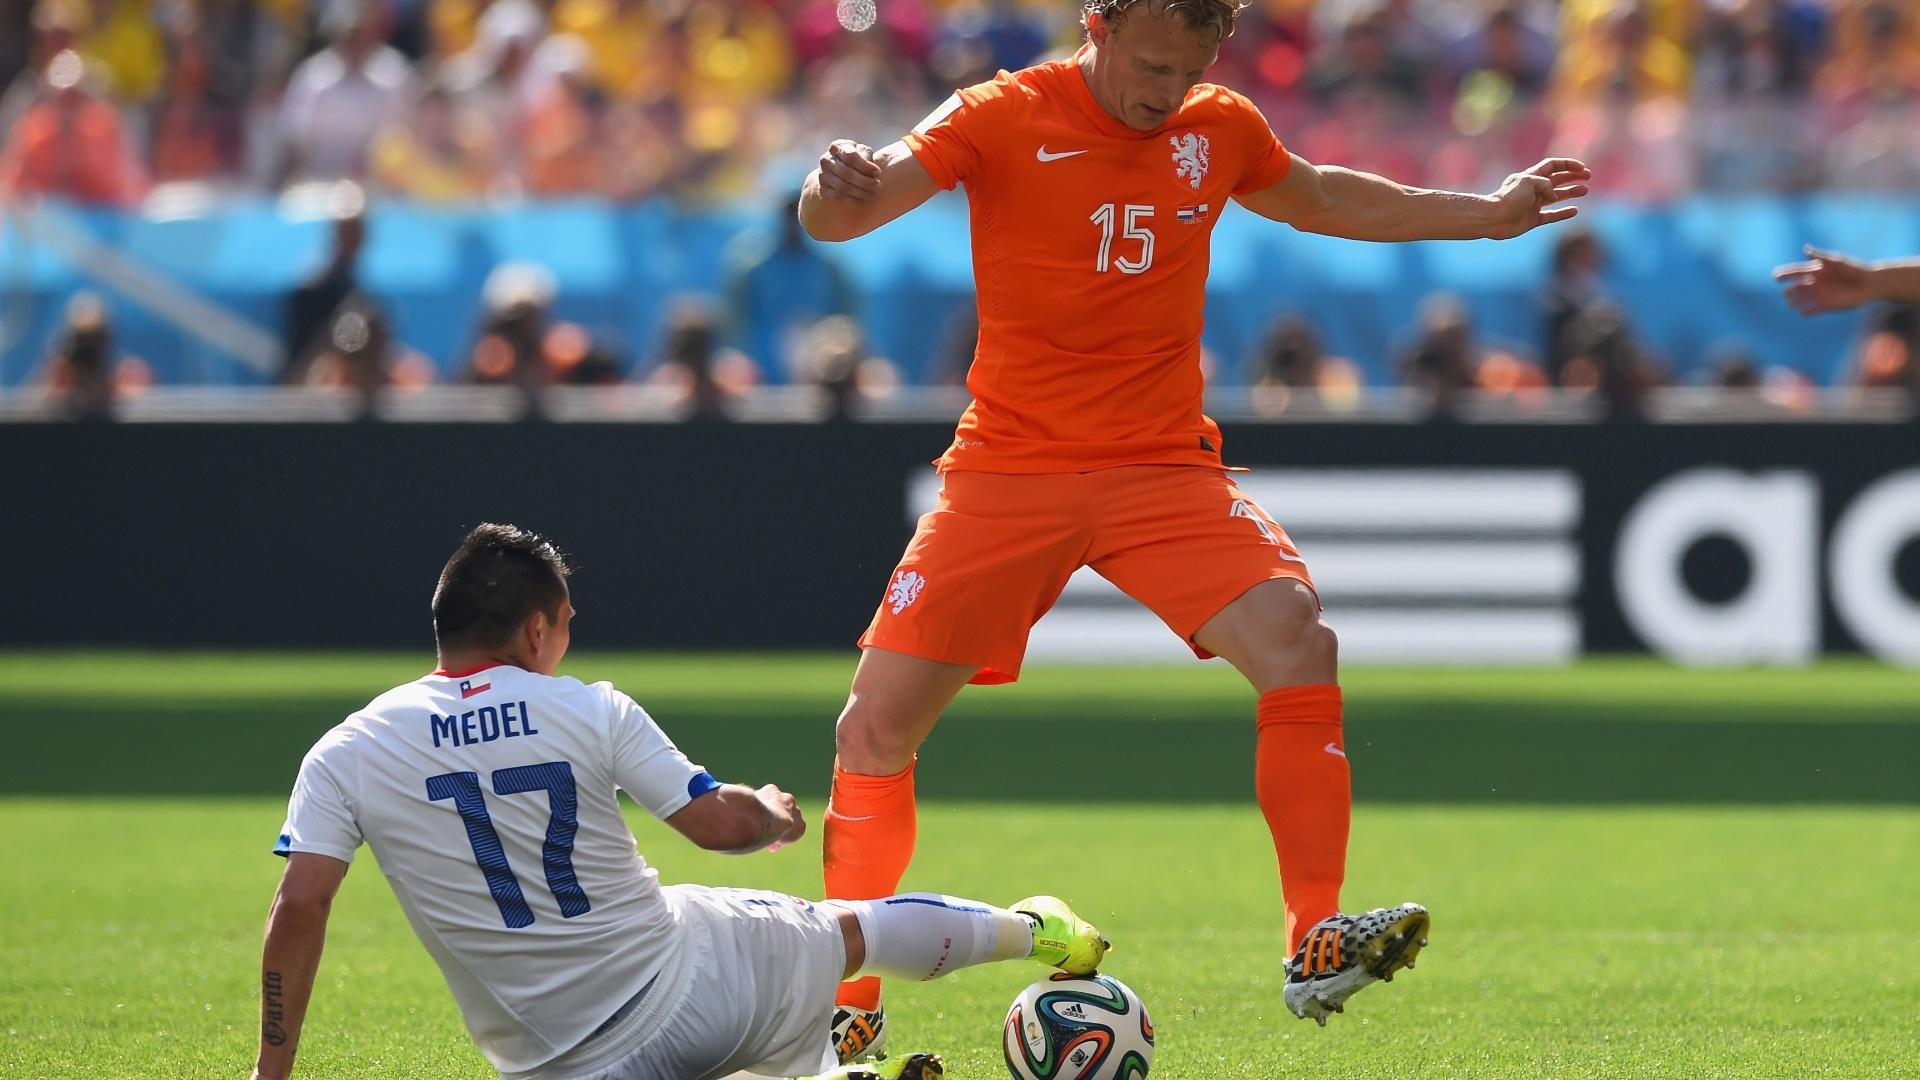 Gary Medel e Dirk Kuyt disputam lance na partida entre Chile e Holanda, no Itaquerão